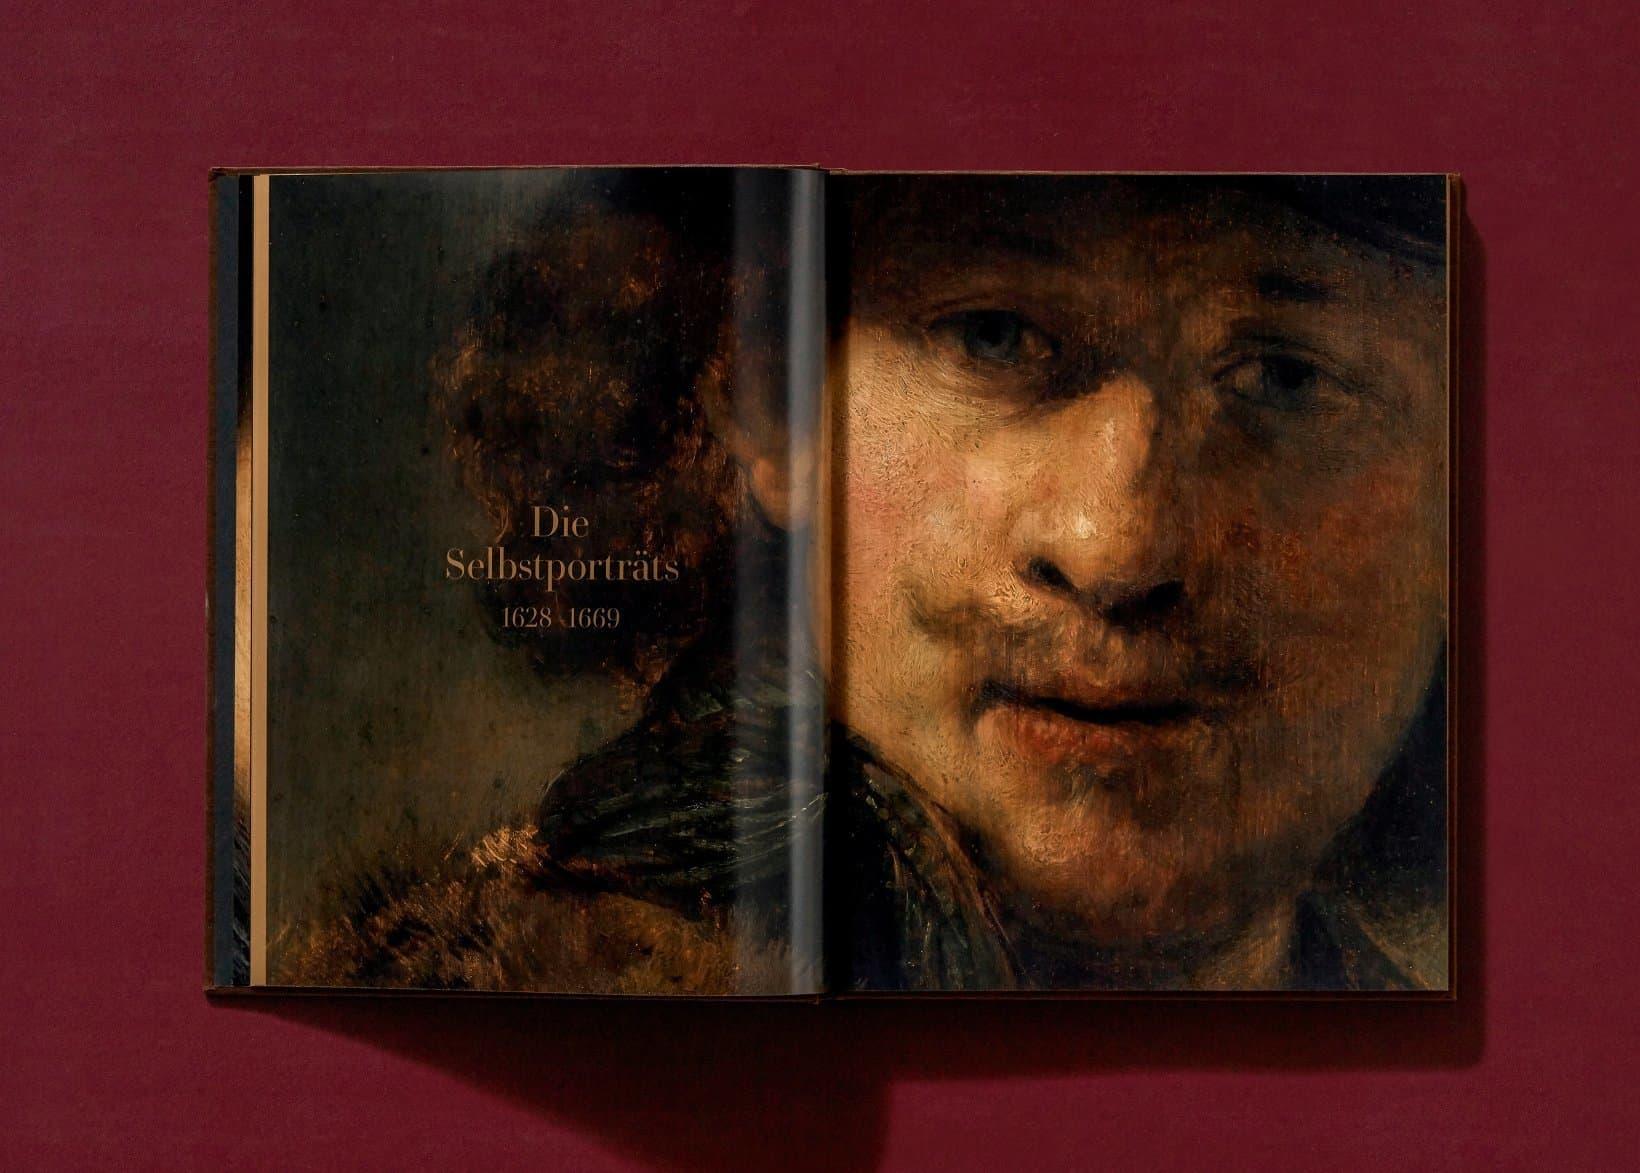 Rembrandt Die Selbstportraits im TASCHEN Verlag